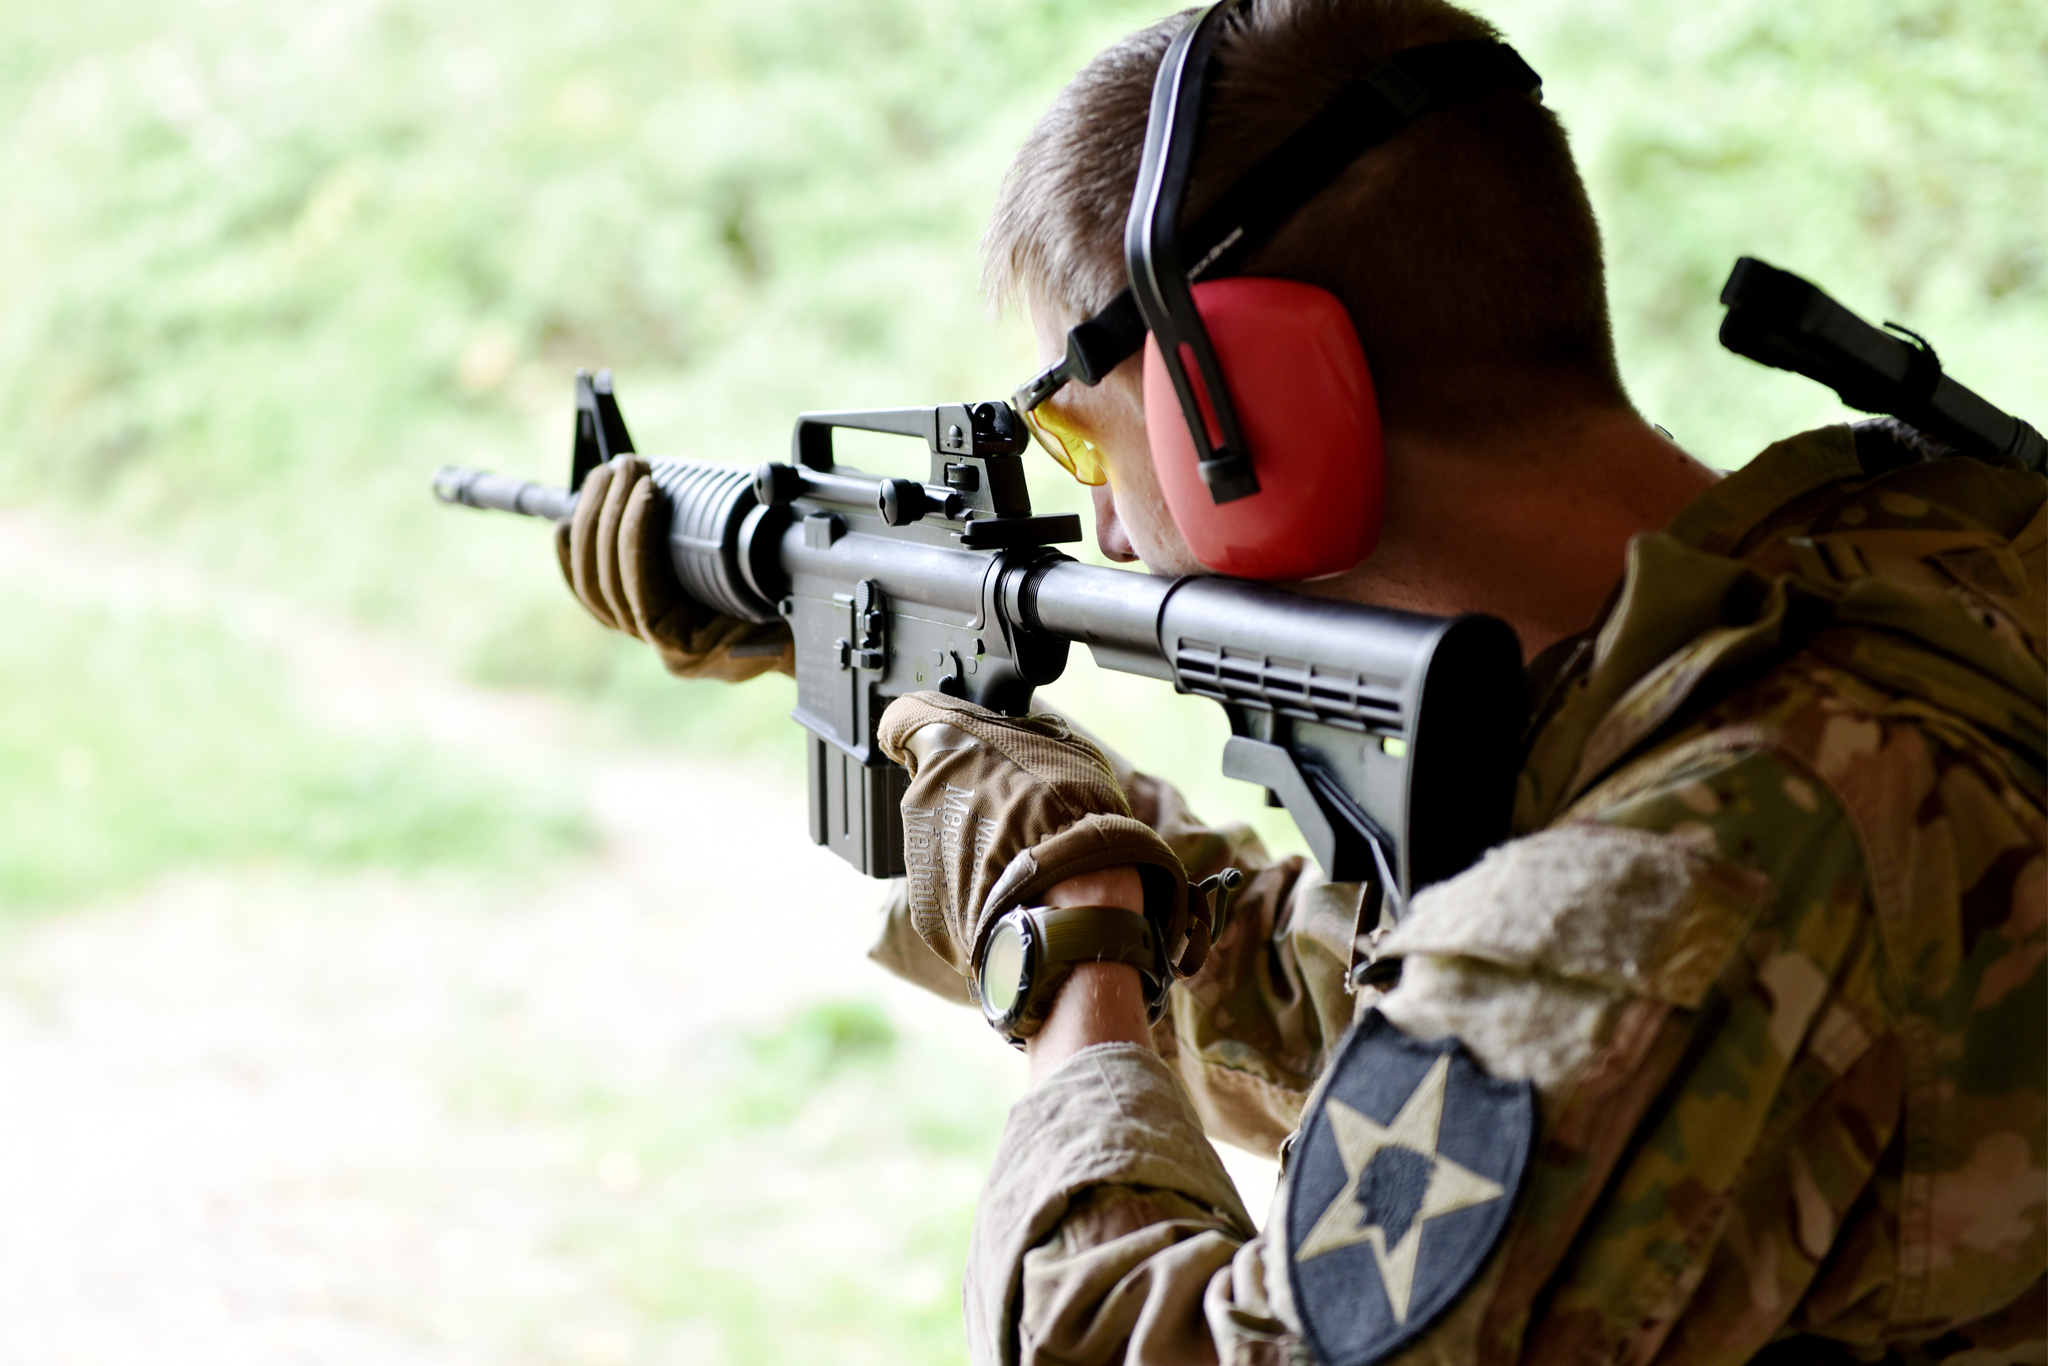 Výhodou karabiny M4 je, že ji mohou používat stejně pohodlně praváci i leváci. Ostré střelby z karabiny Colt M4 v ráži .223